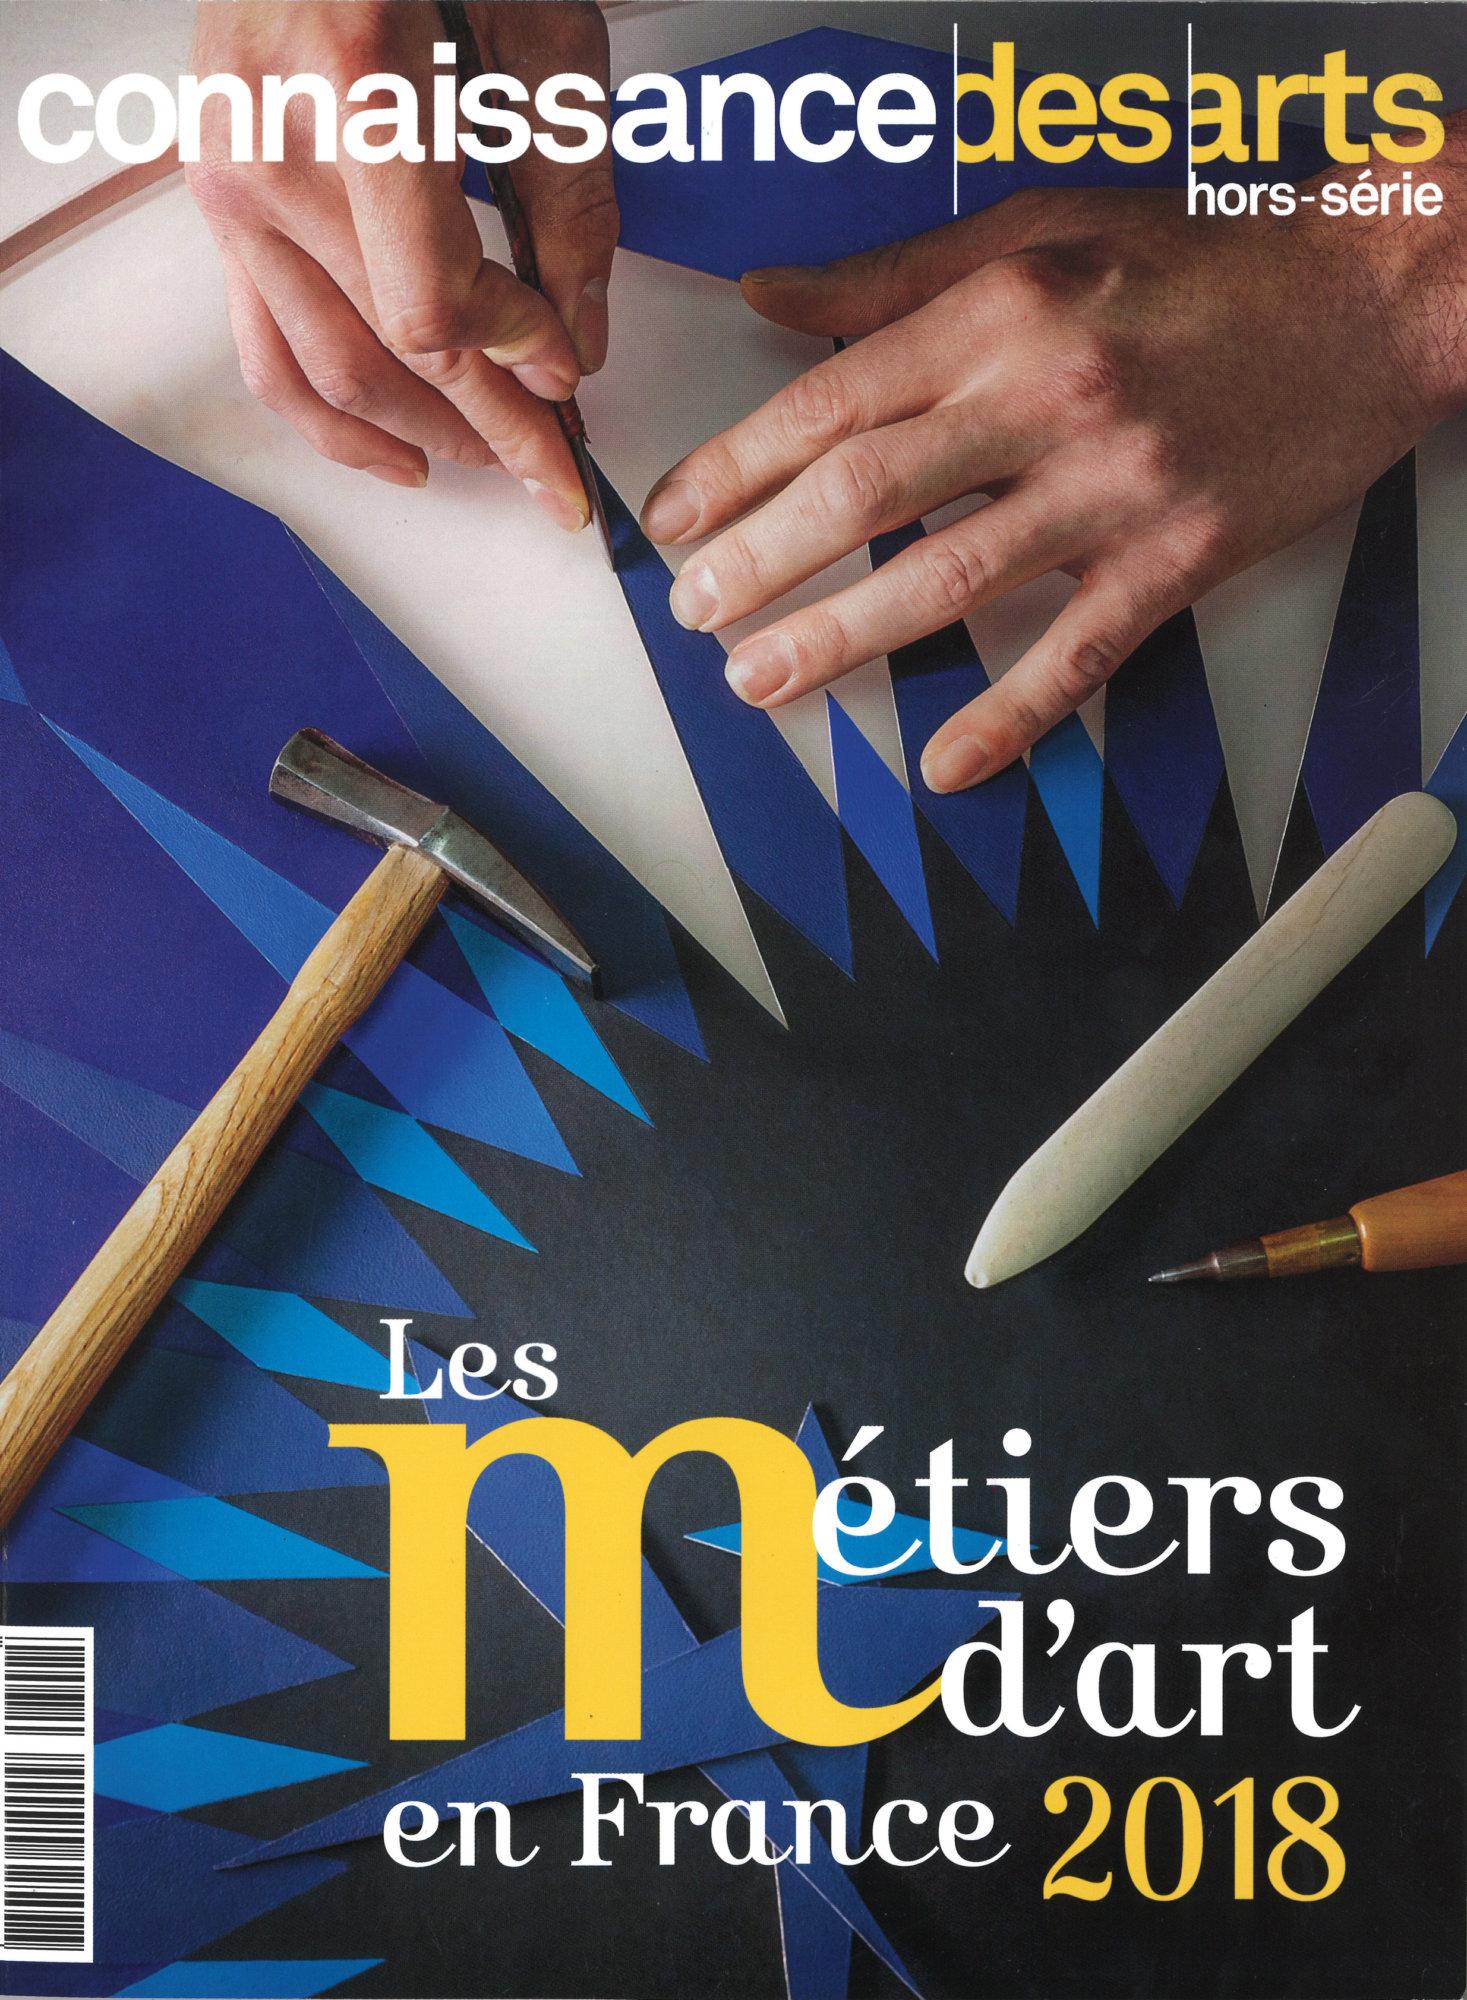 Les métiers d'art en France - India Mahdavi